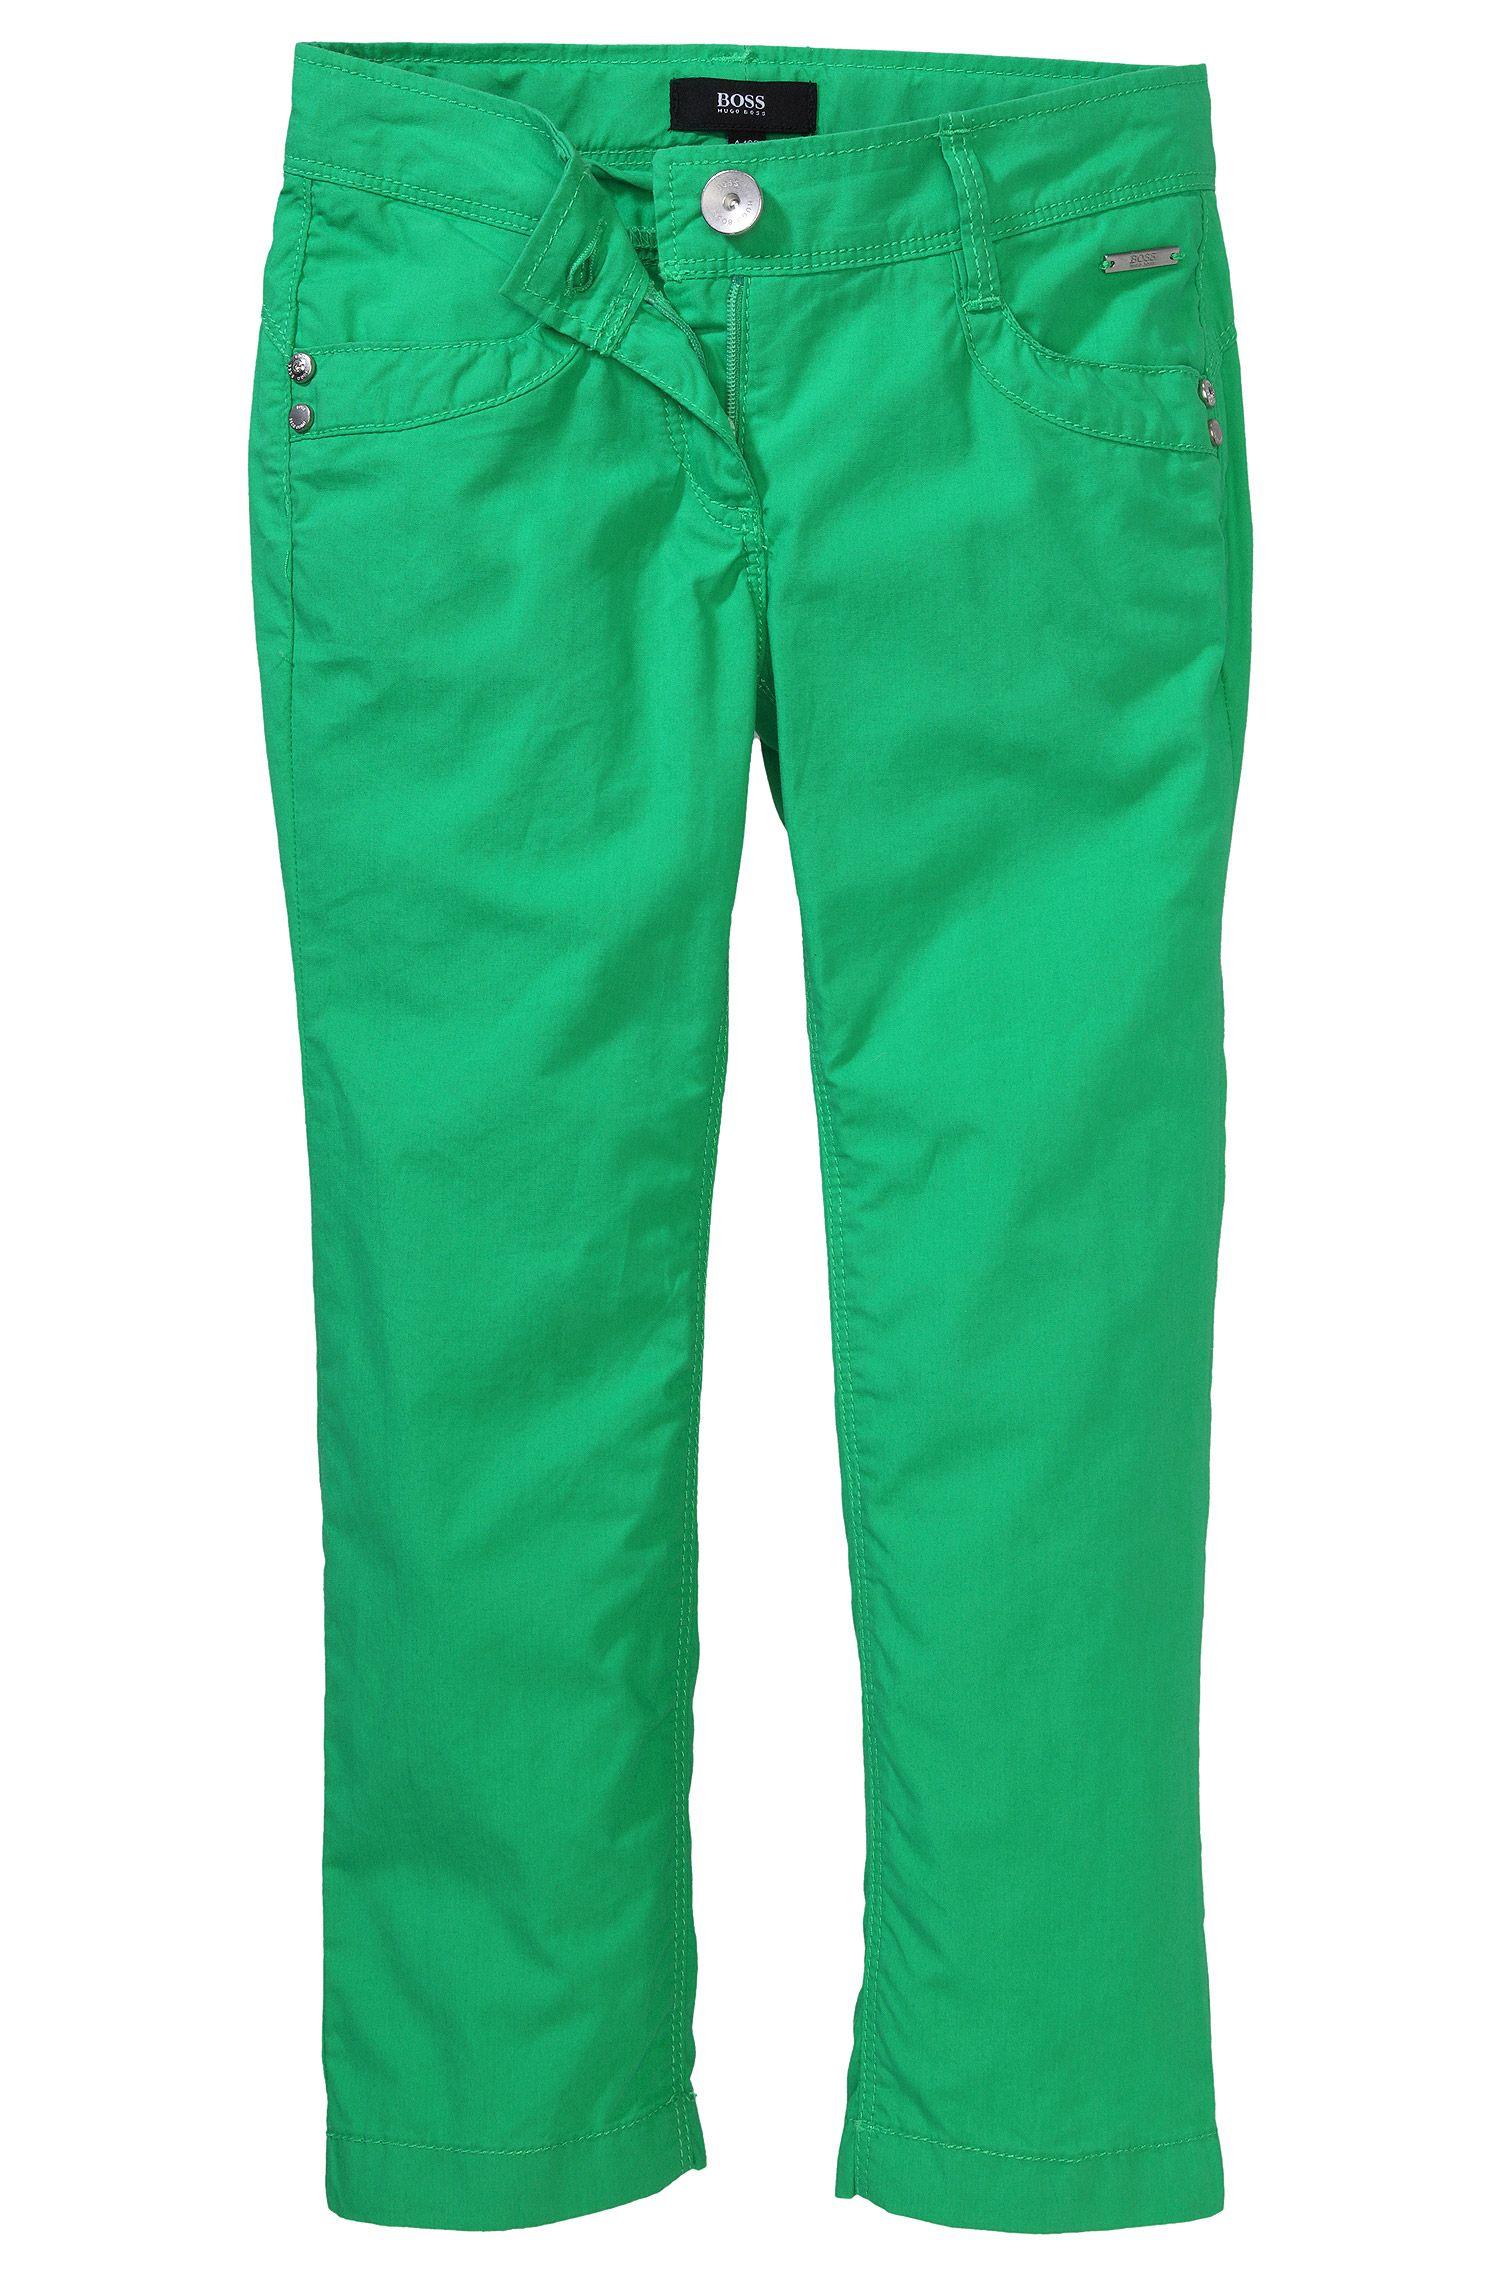 Pantalon en pur coton, J14106